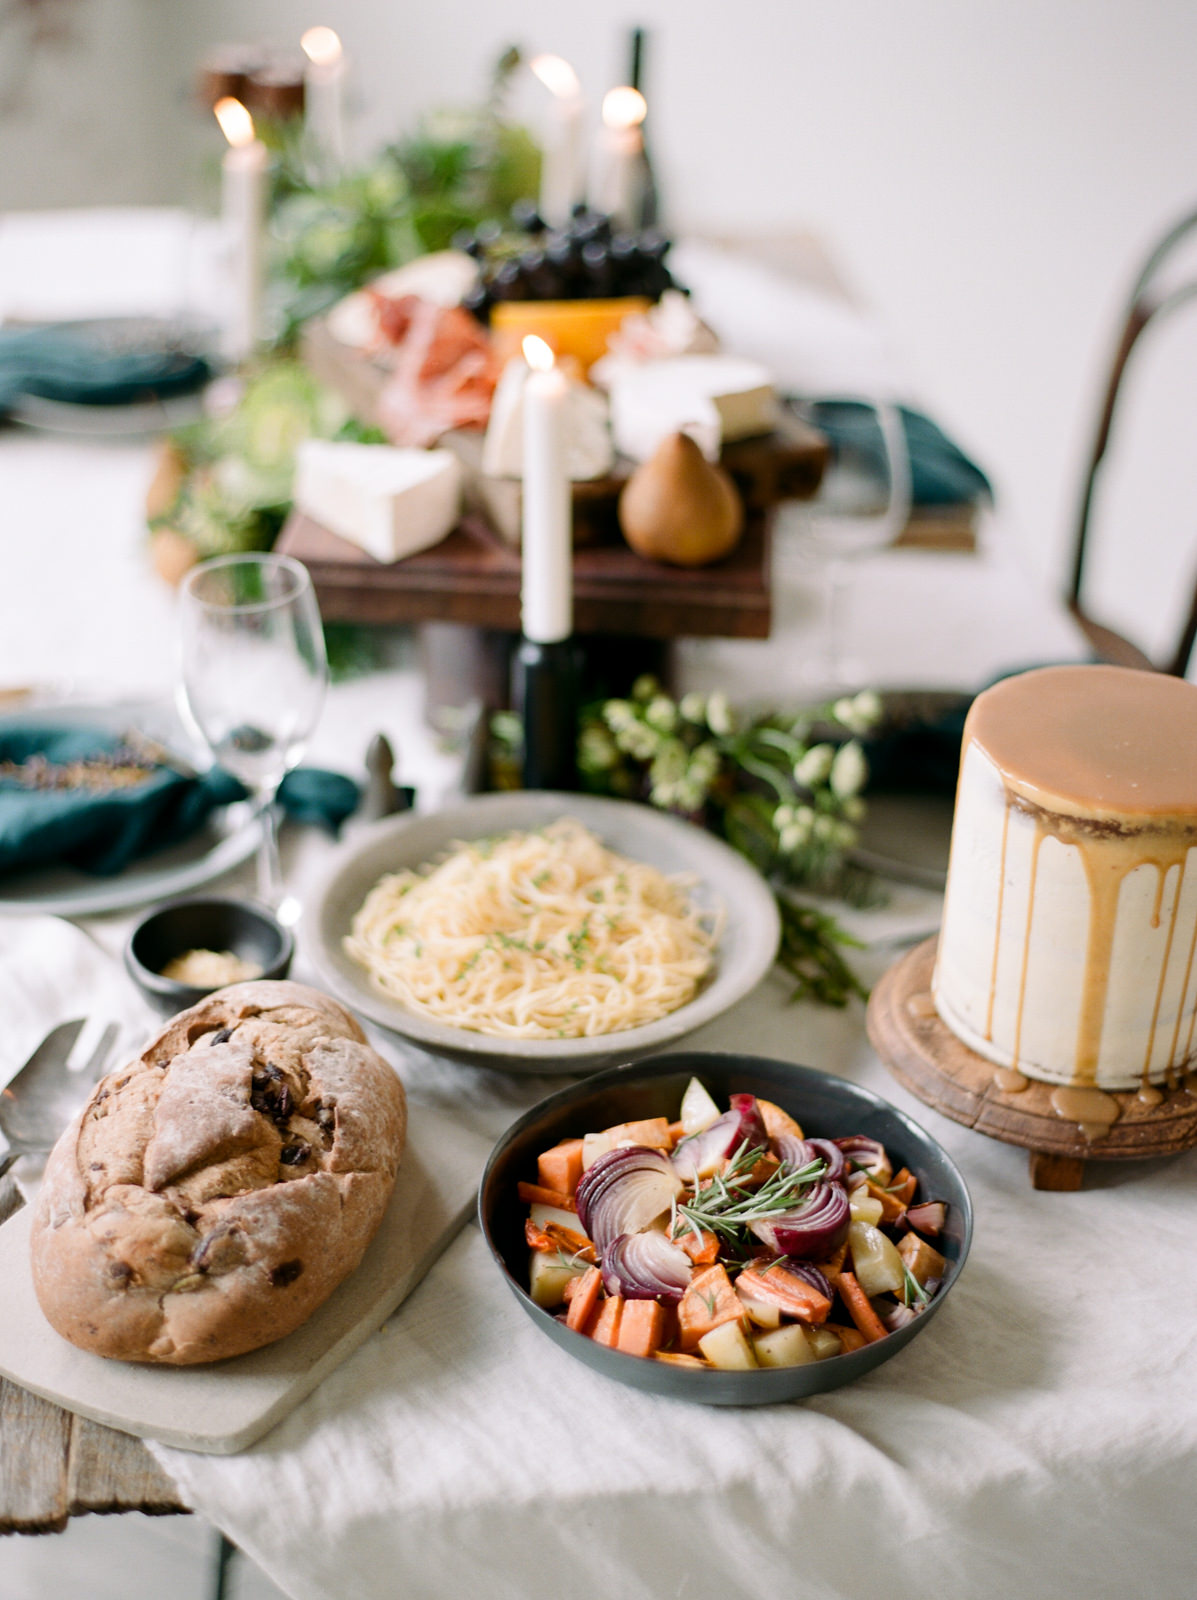 waop_gather_feast_rufflesandbelles-0031.jpg